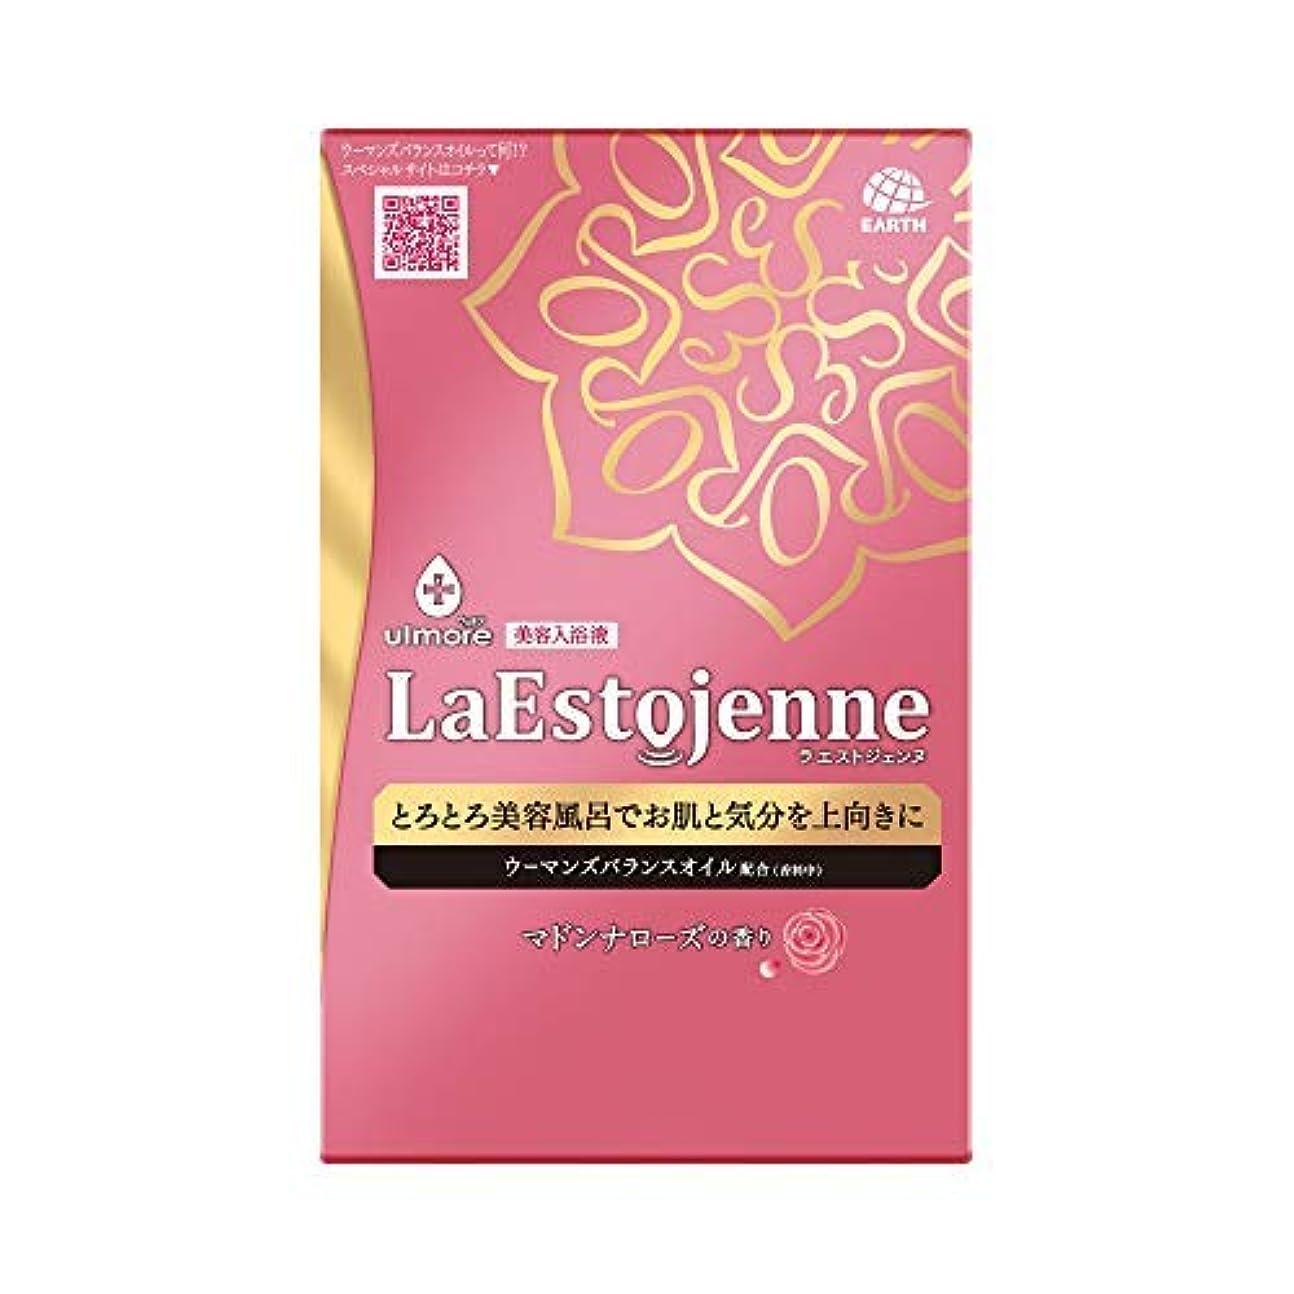 違う環境公平なウルモア ラエストジェンヌ マドンナローズの香り 3包入り × 2個セット